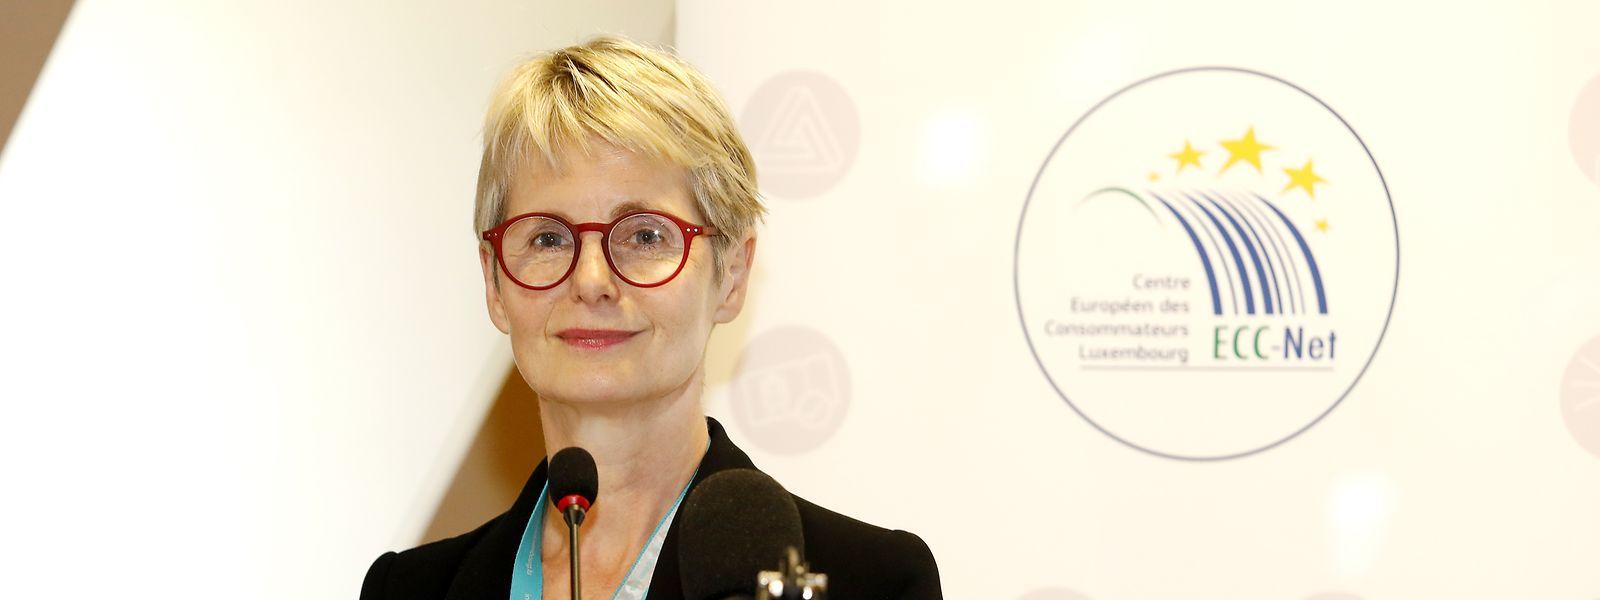 Karin Basenach est la directrice du CEC Luxembourg